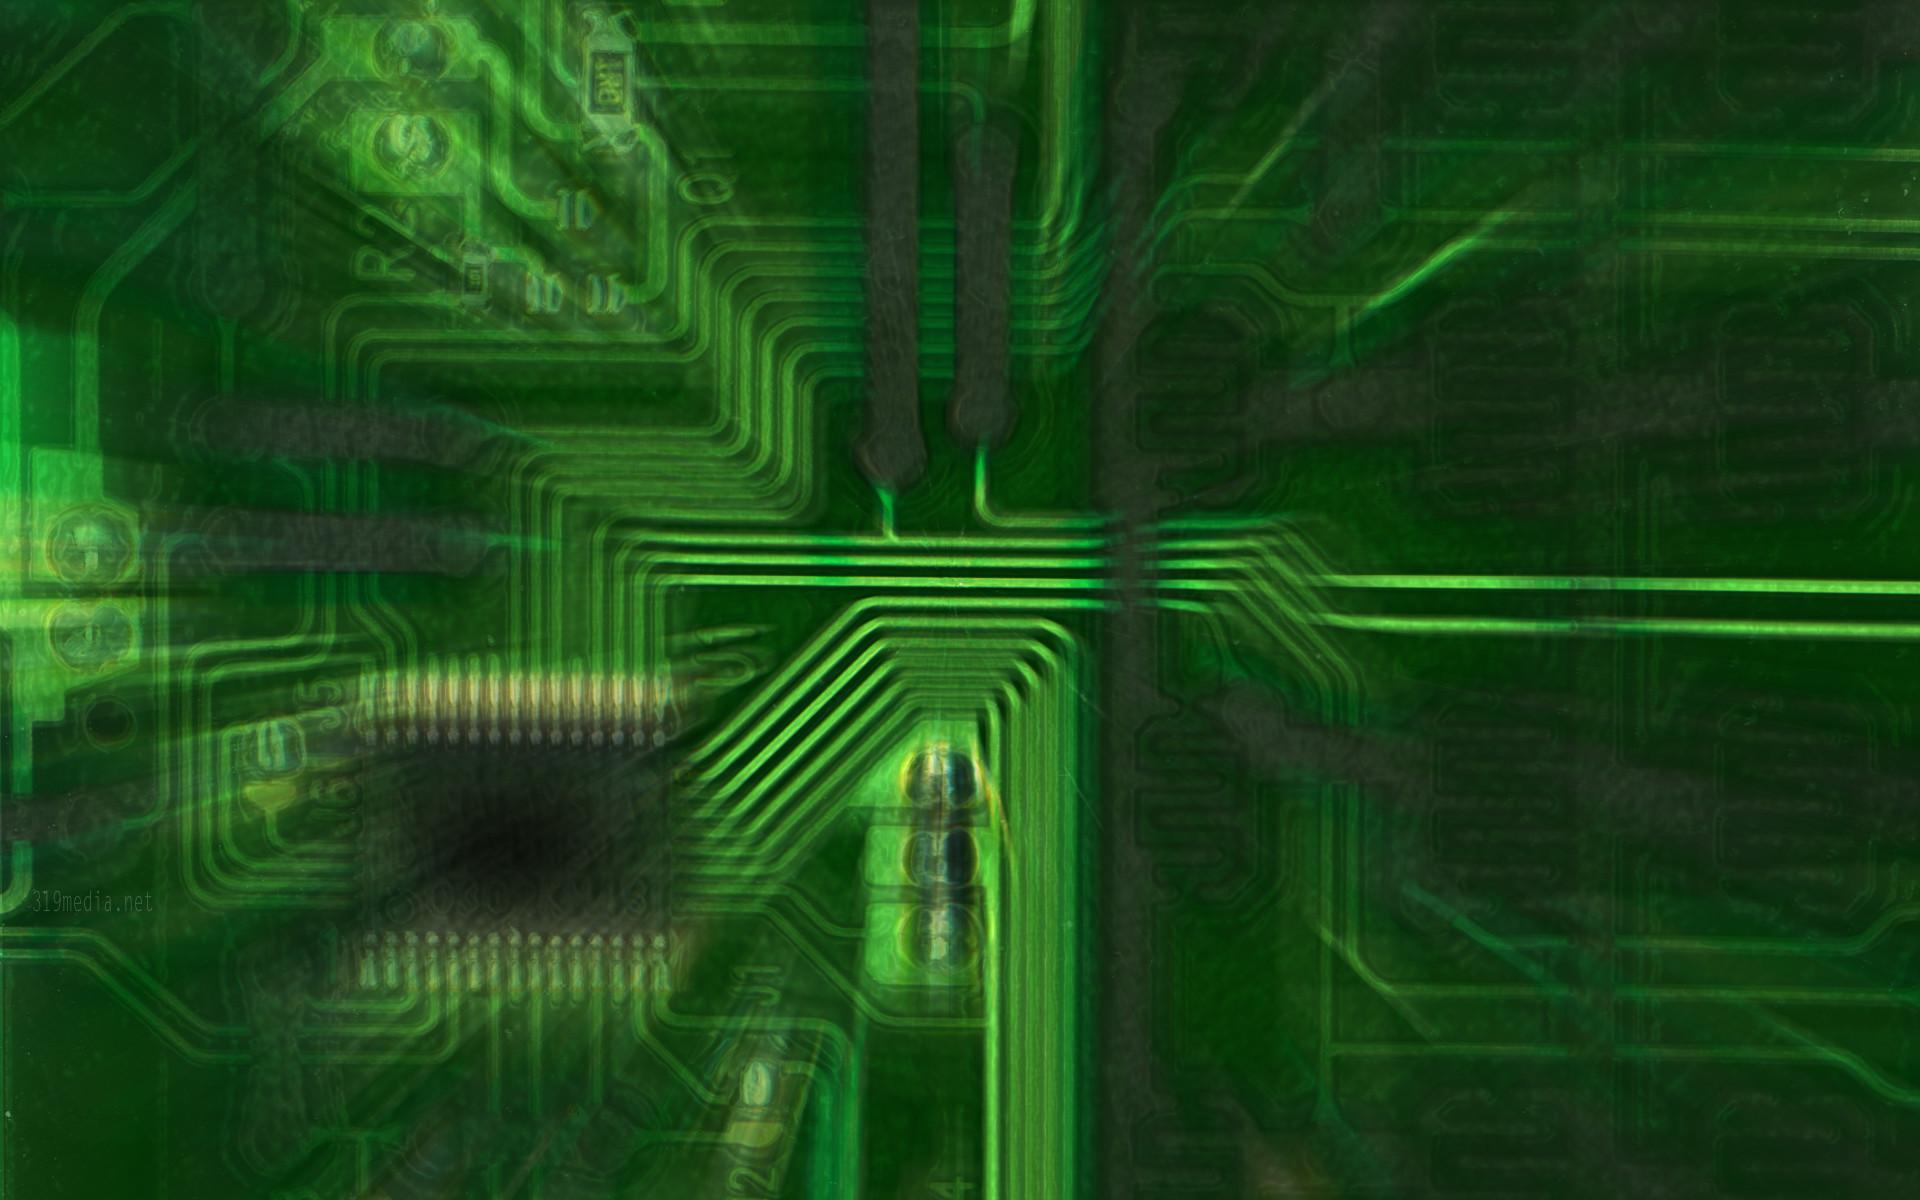 Green Technology Wallpaper HD Wallpapers on picsfair.com